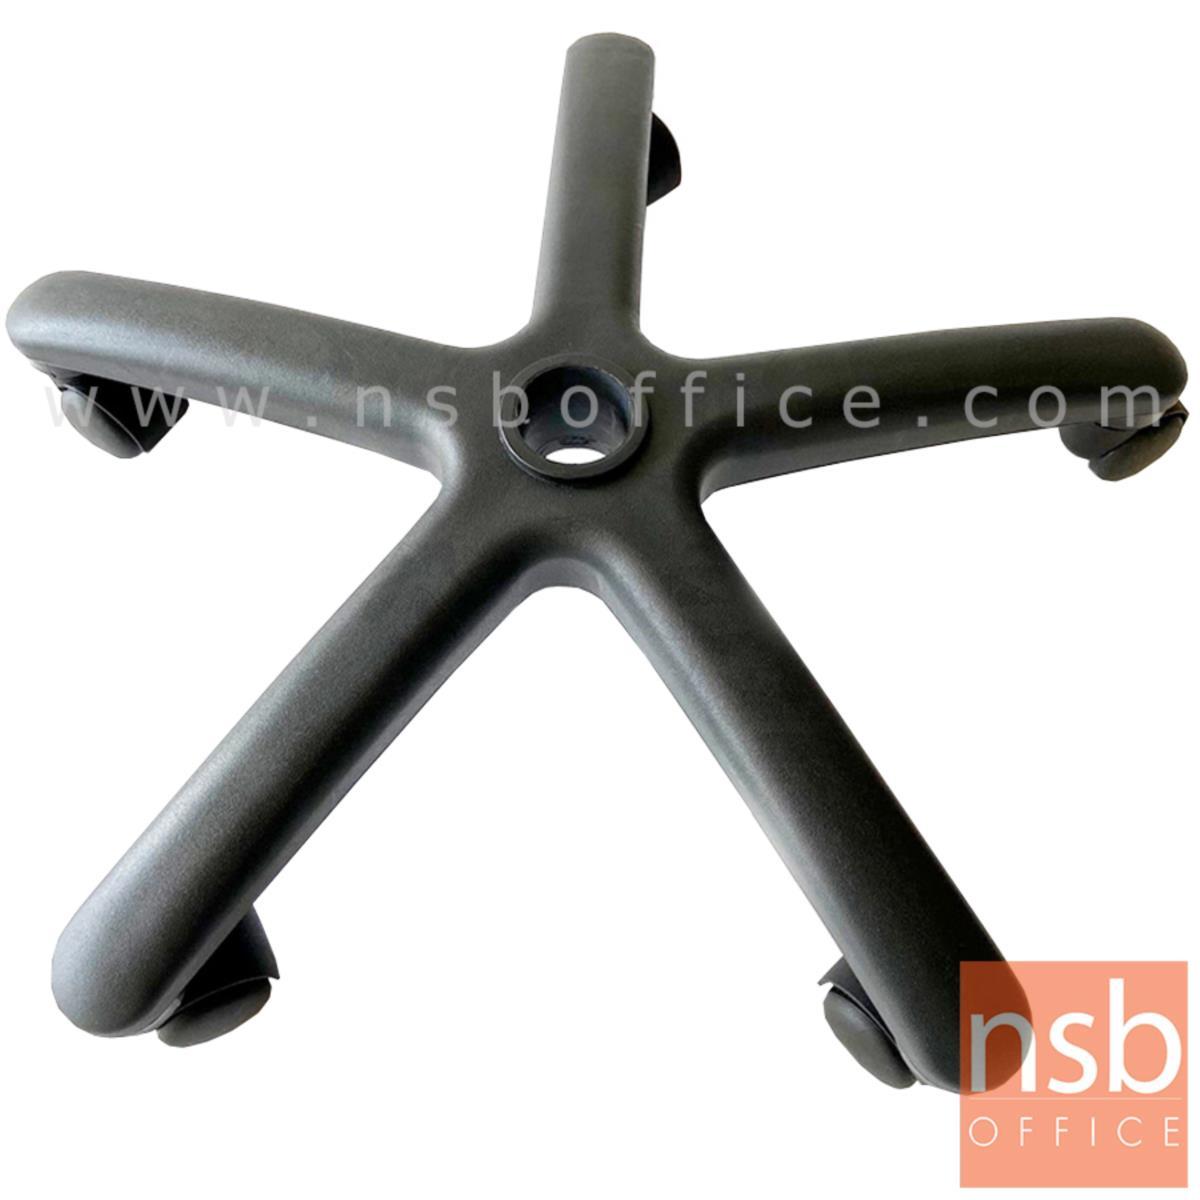 B27A005:ขาเก้าอี้สำนักงานพลาสติก 5 แฉก  ขนาด  24, 26 นิ้ว พร้อมลูกล้อ PP